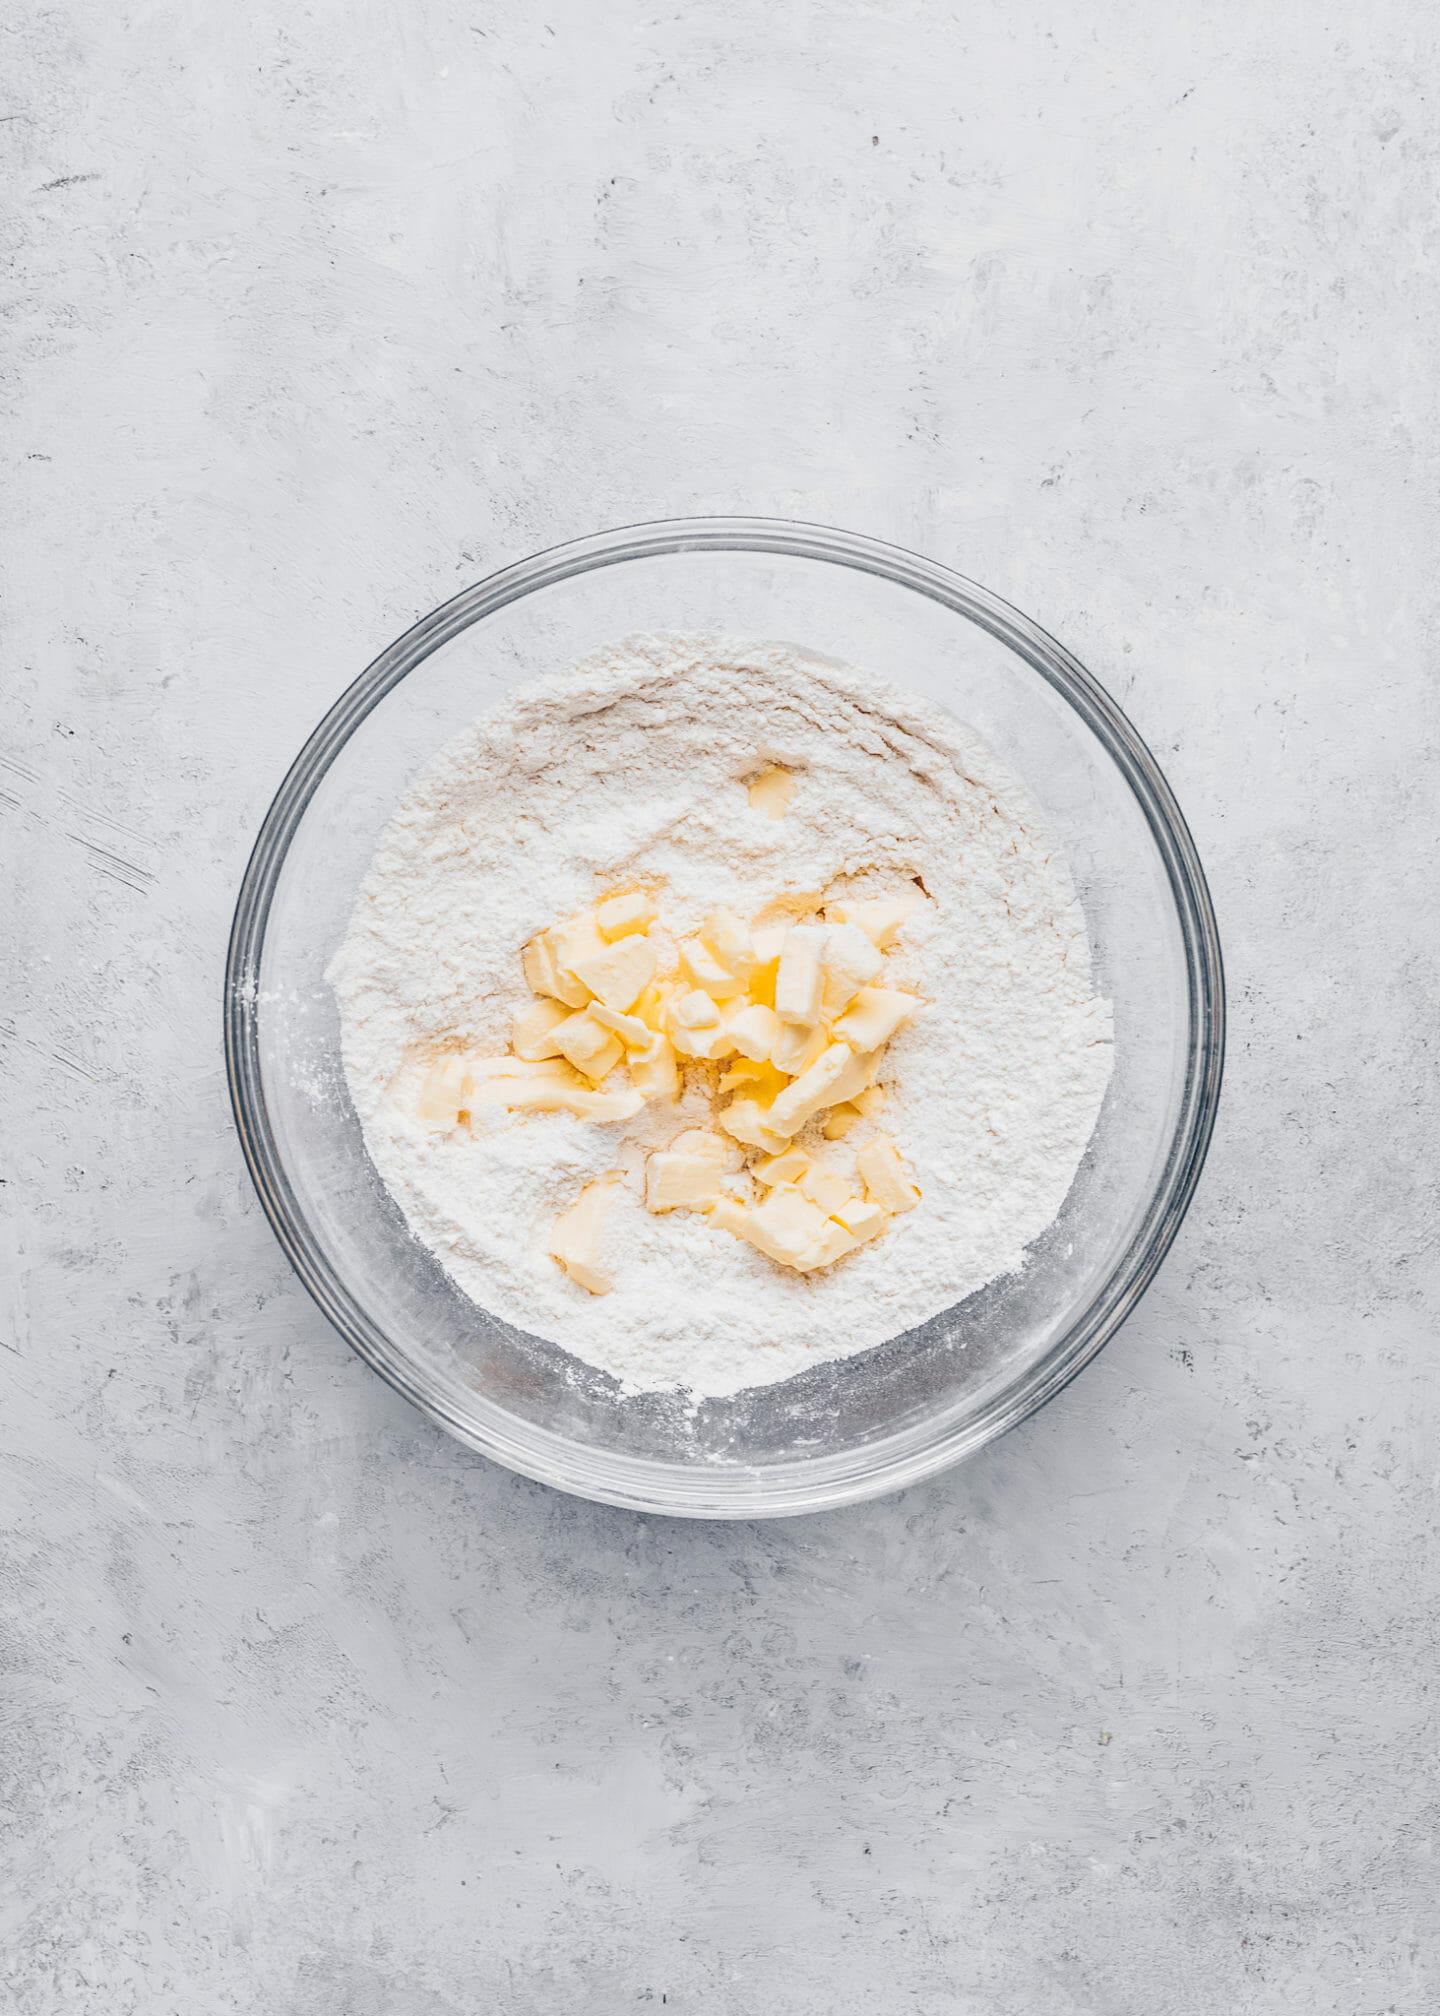 flour, salt, sugar and vegan butter in a bowl for homemade tart dough